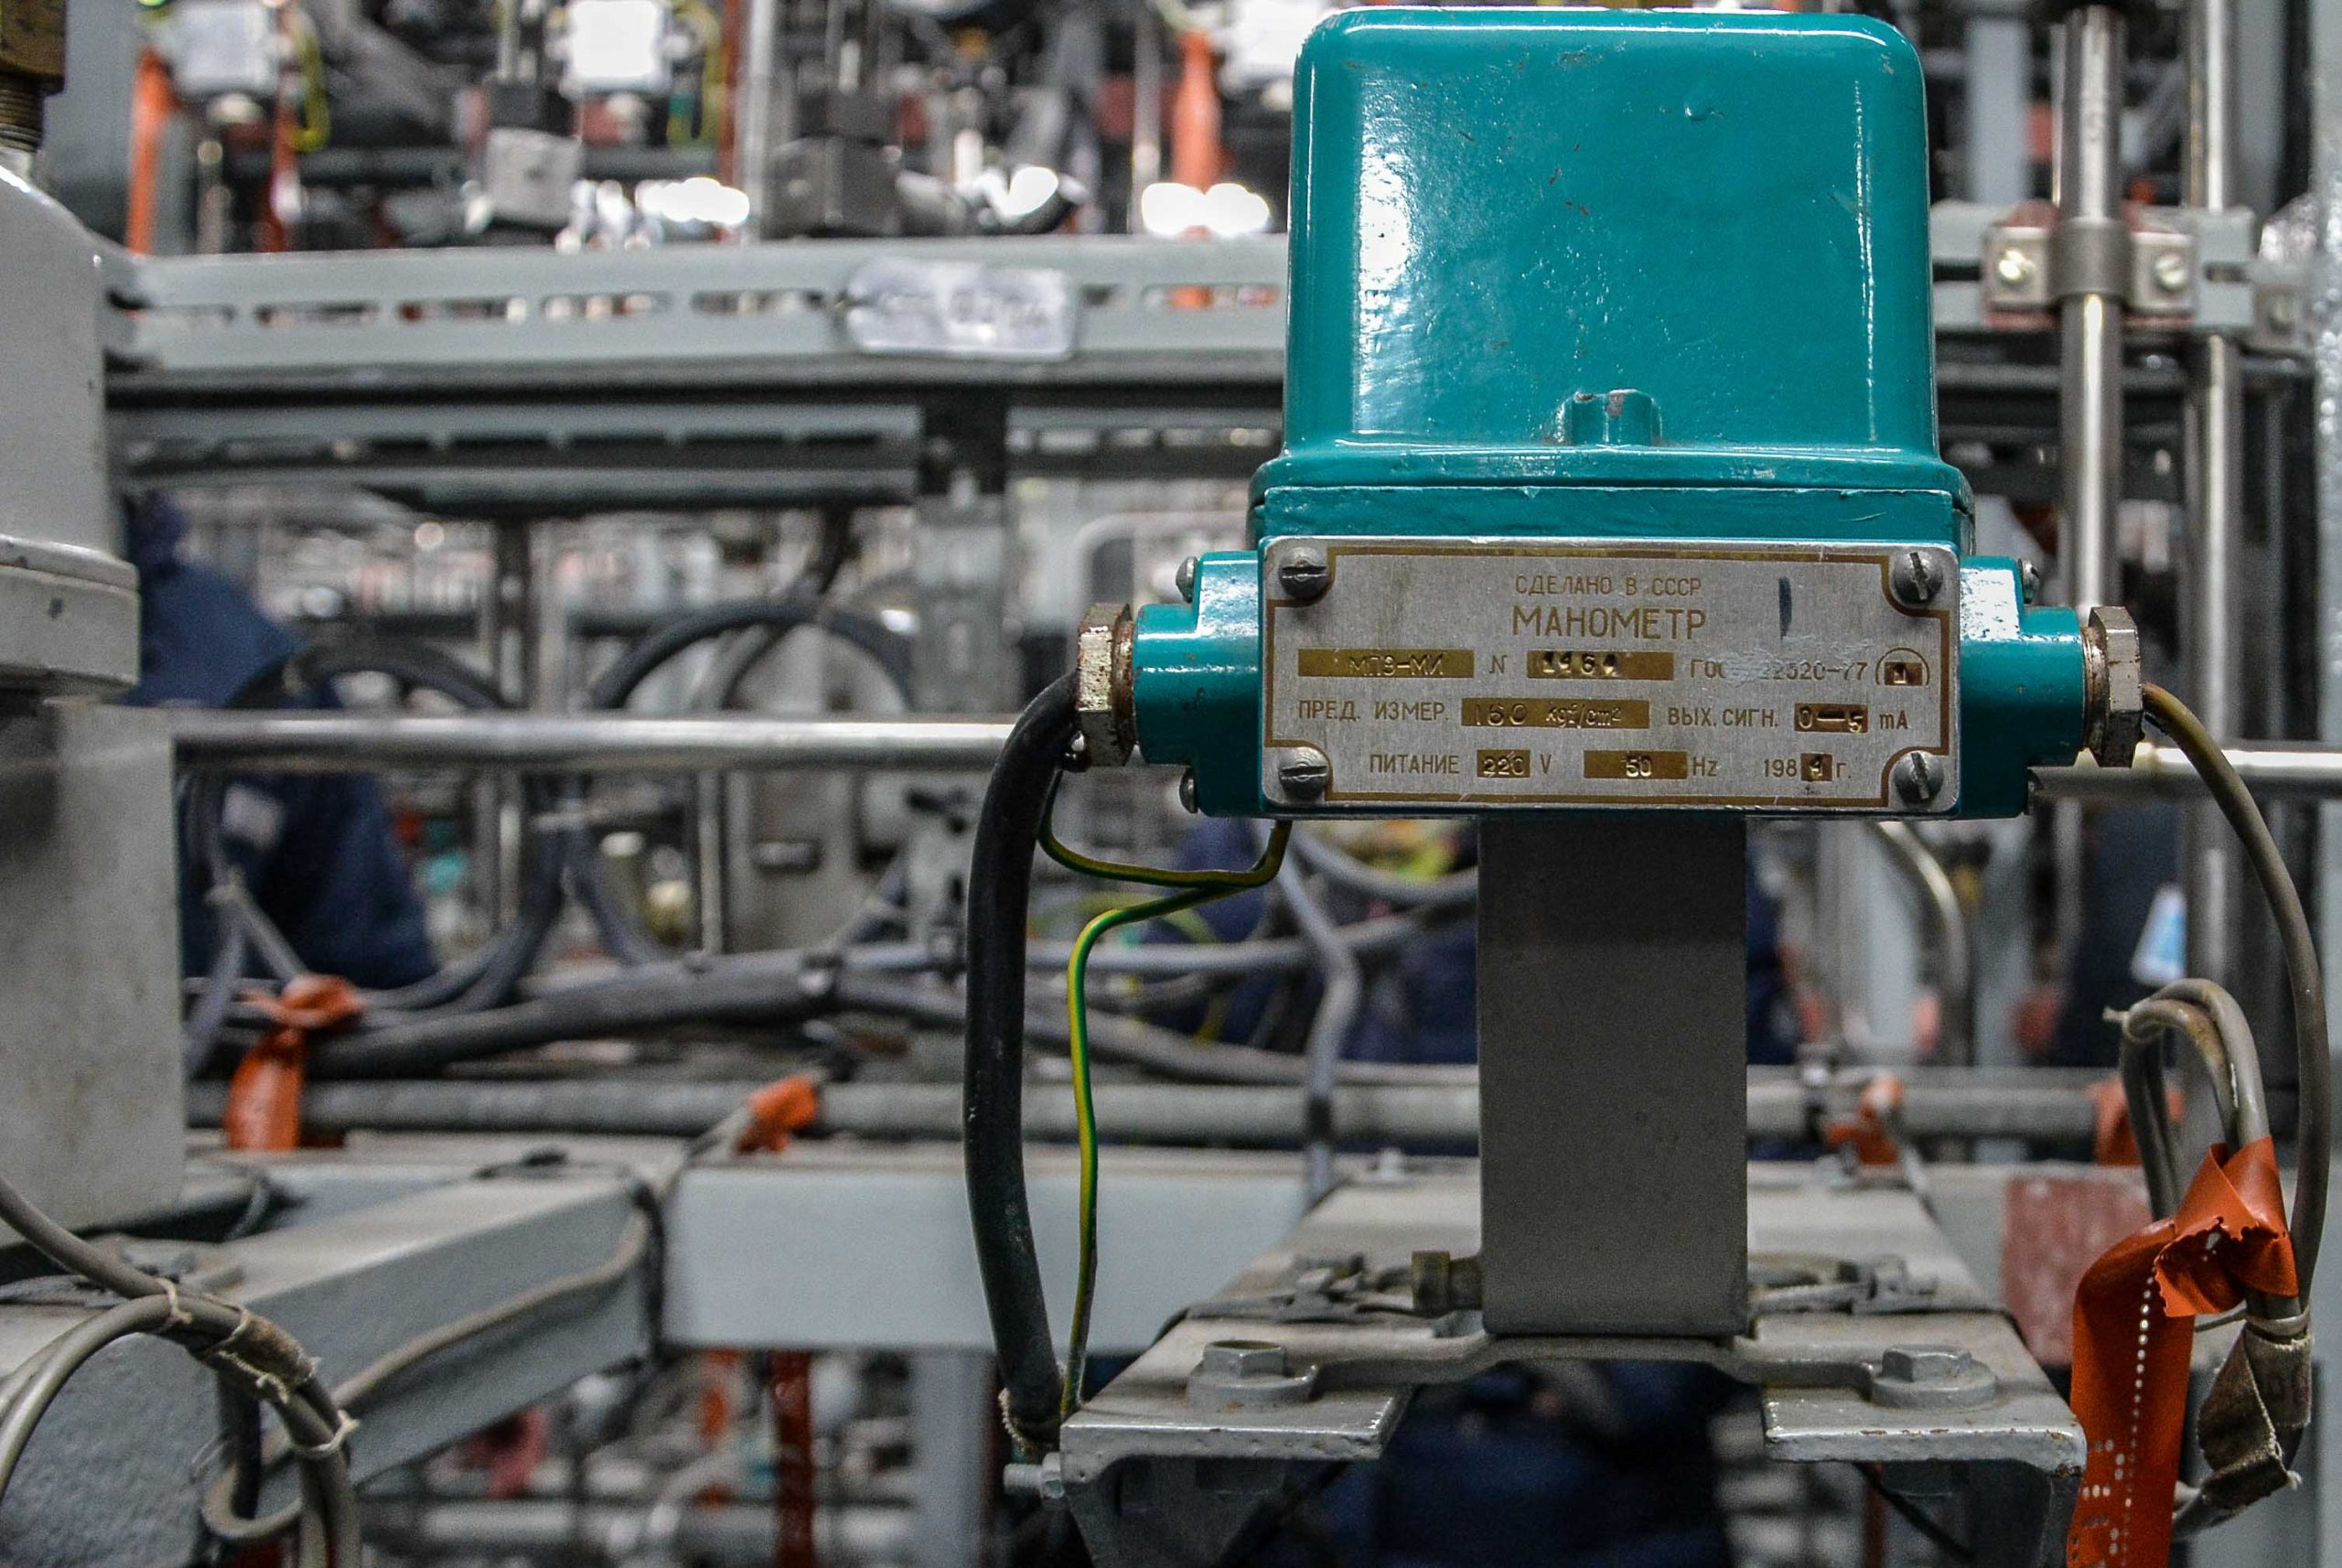 druck anzeiger pressure gauge nuclear reactor core innen ansicht nuklear reaktor kernkraftwerk greifswald nuclear powerplant ost deutschland east germany gdr DDR mecklenburg vorpommern